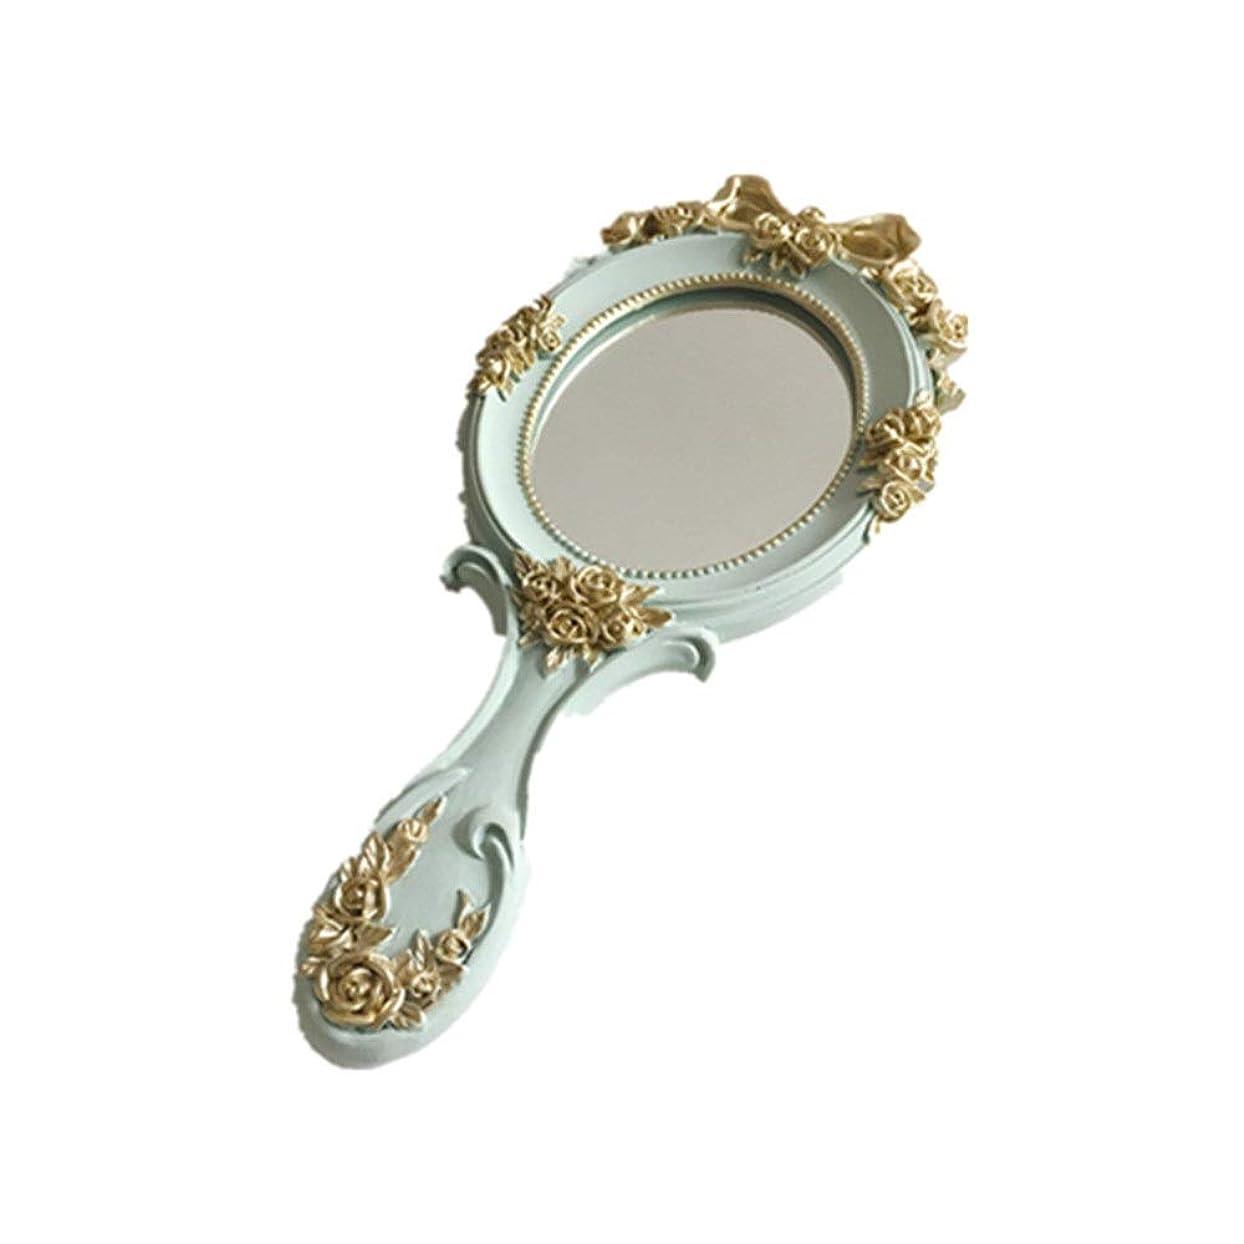 毒騒考古学化粧ミラー 鏡 美容メイクアップ用化粧鏡は、化粧鏡として使用することができ、ミラー、ドレッシングテーブルデコレーション(グリーン、ピンク、ホワイト)ハンドル 浴室鏡 (色 : 緑, サイズ : 12x26.5cm)